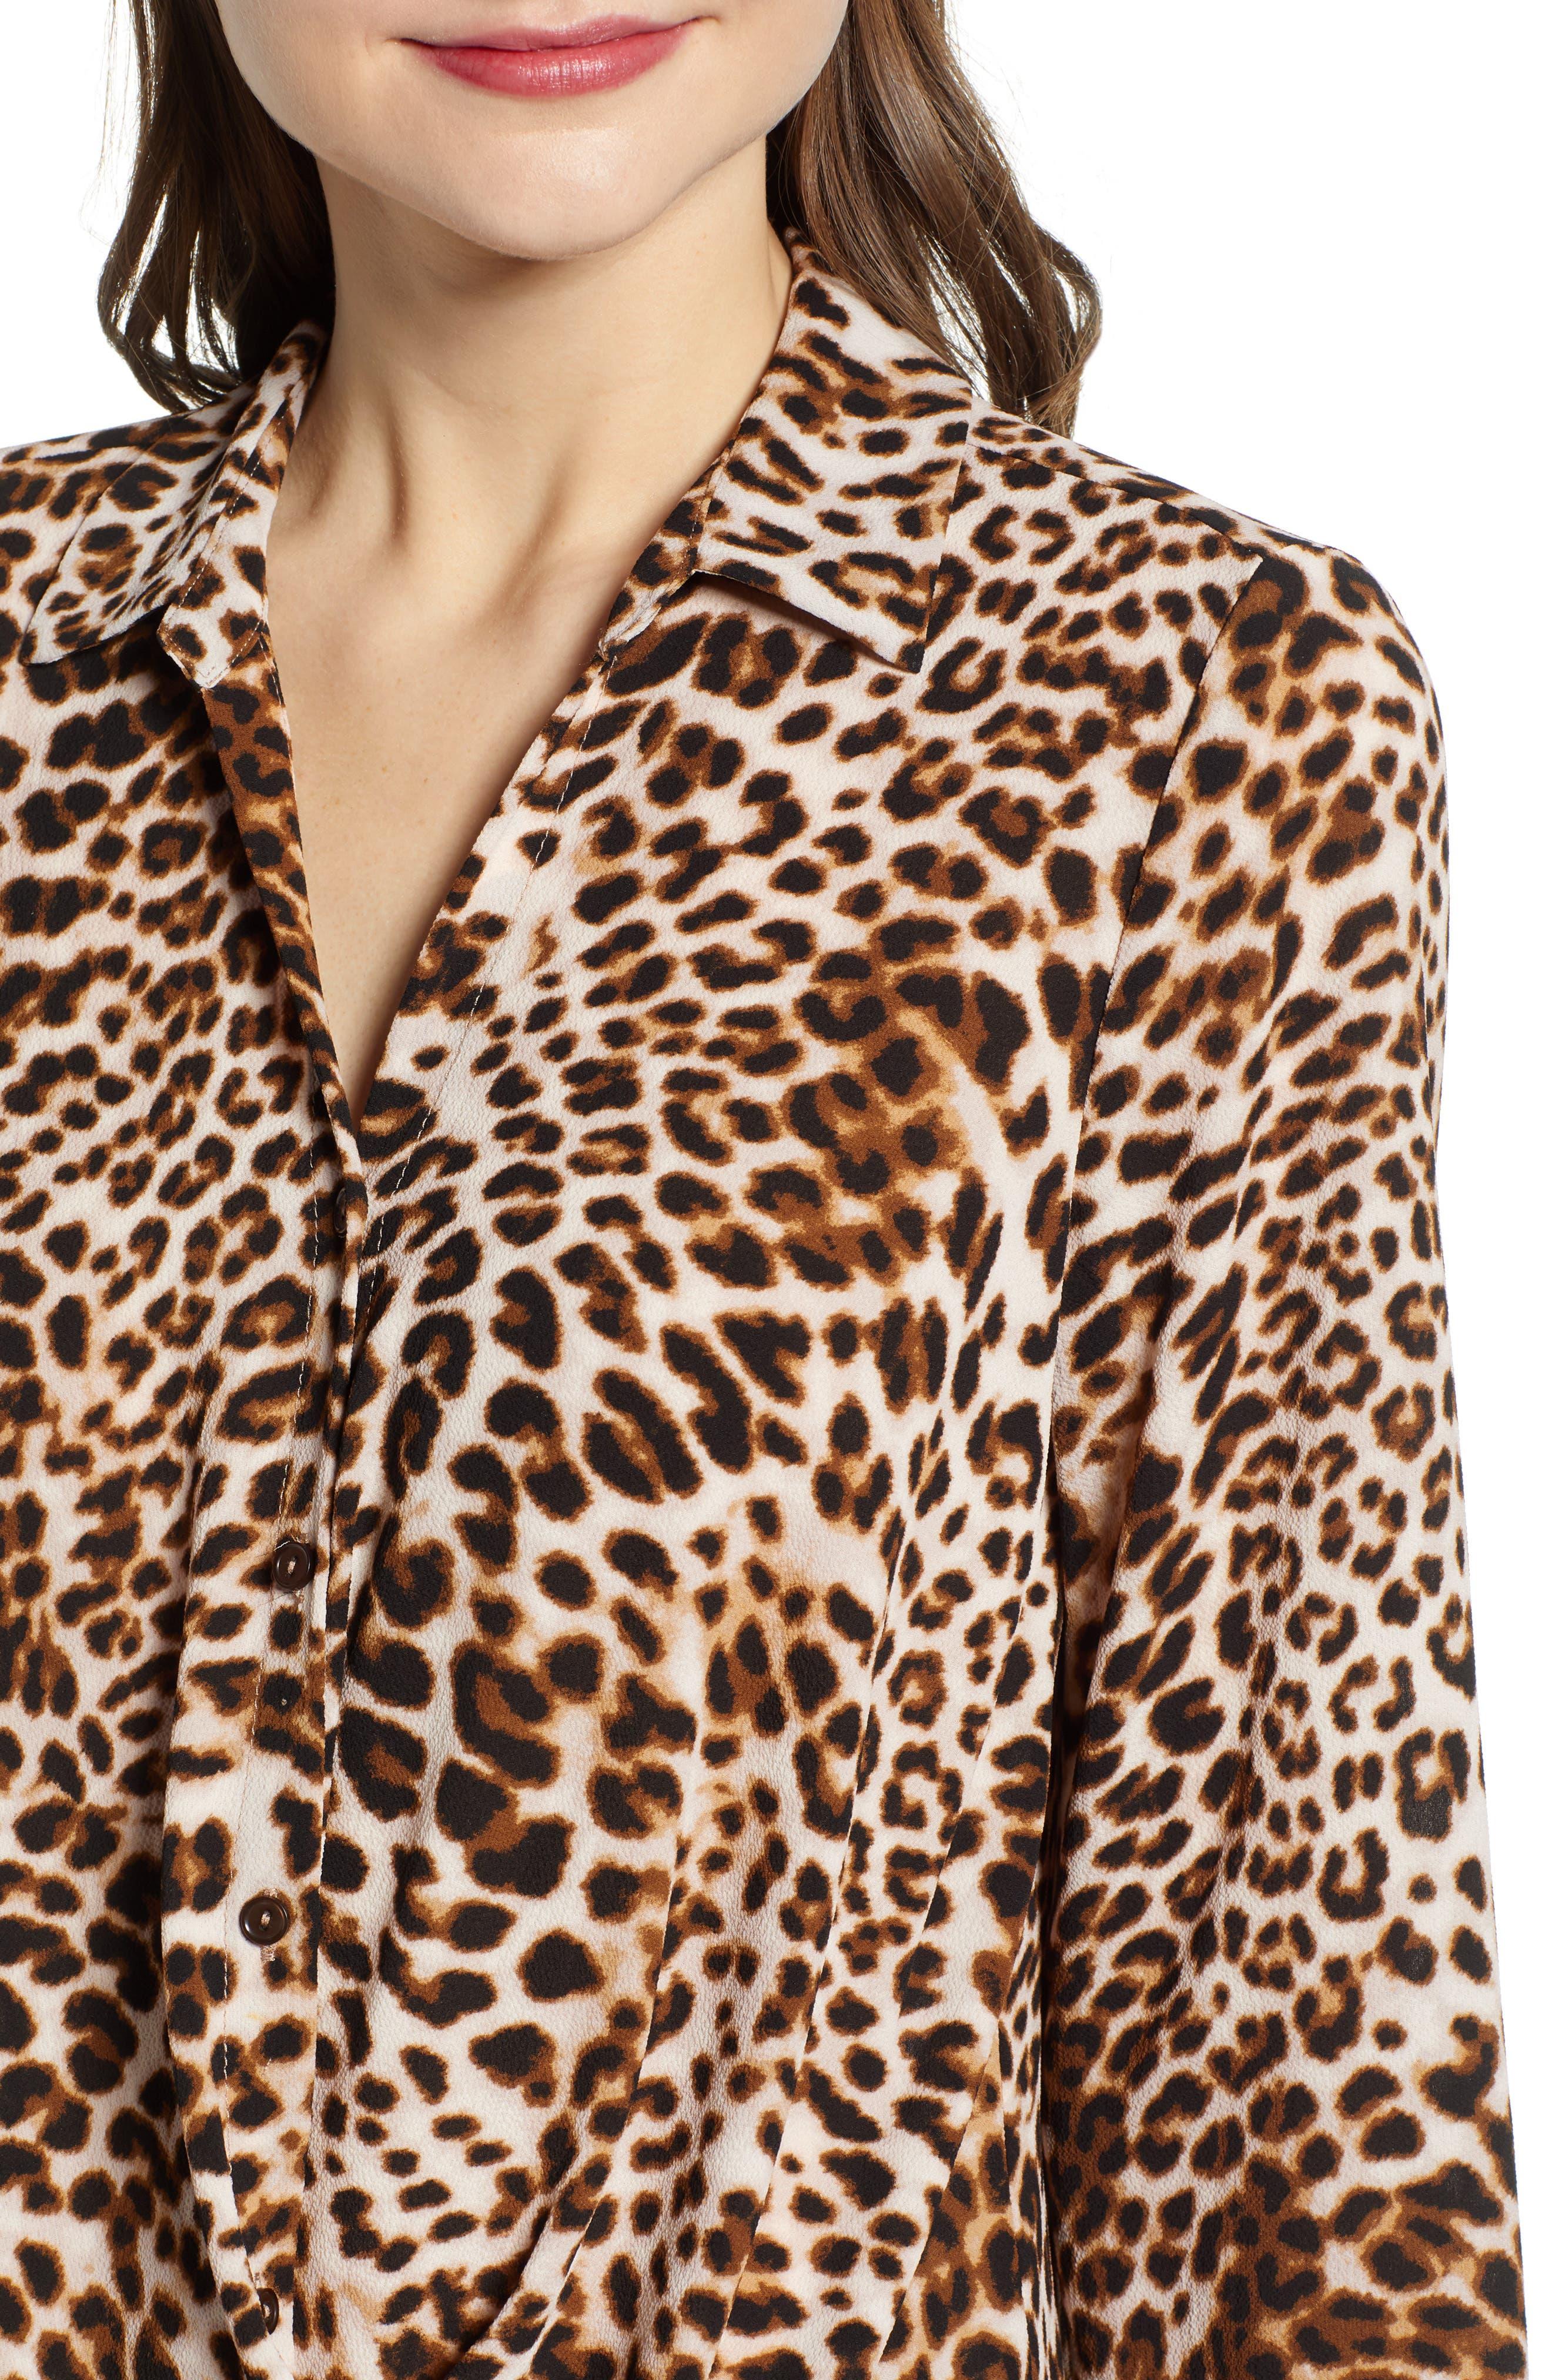 Patterned Drape Front Blouse,                             Alternate thumbnail 4, color,                             LEOPARD PRINT